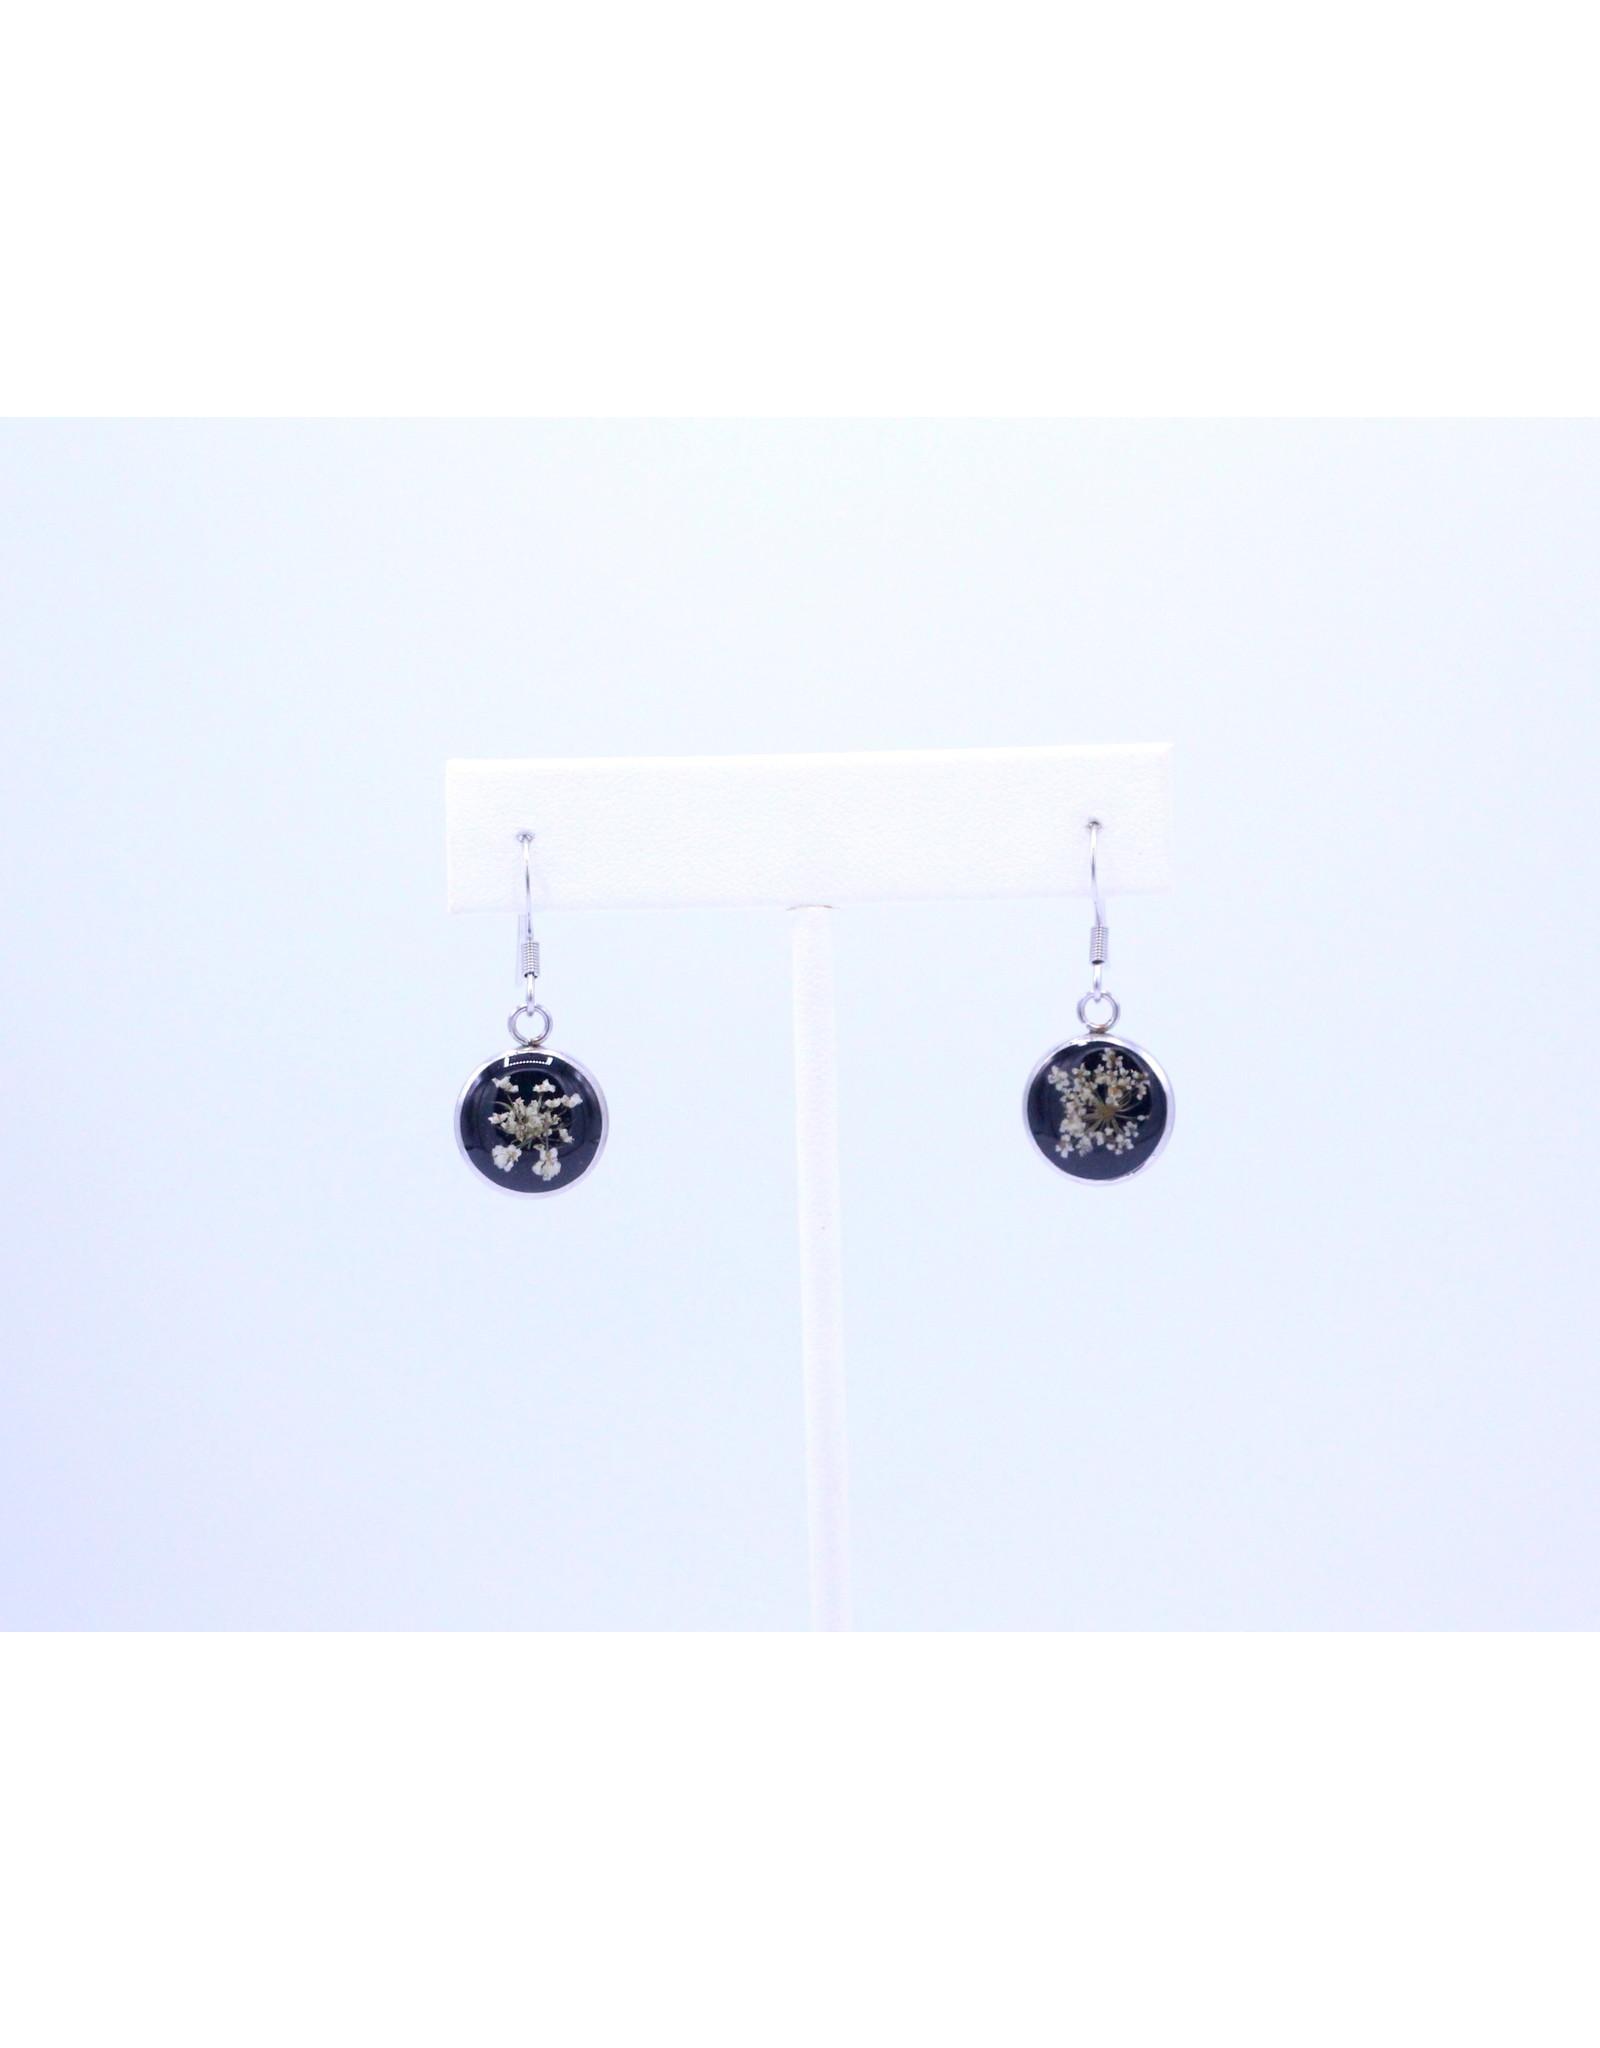 12mm Drop Queen Anne's Lace Earrings Black - J12DQALBK2